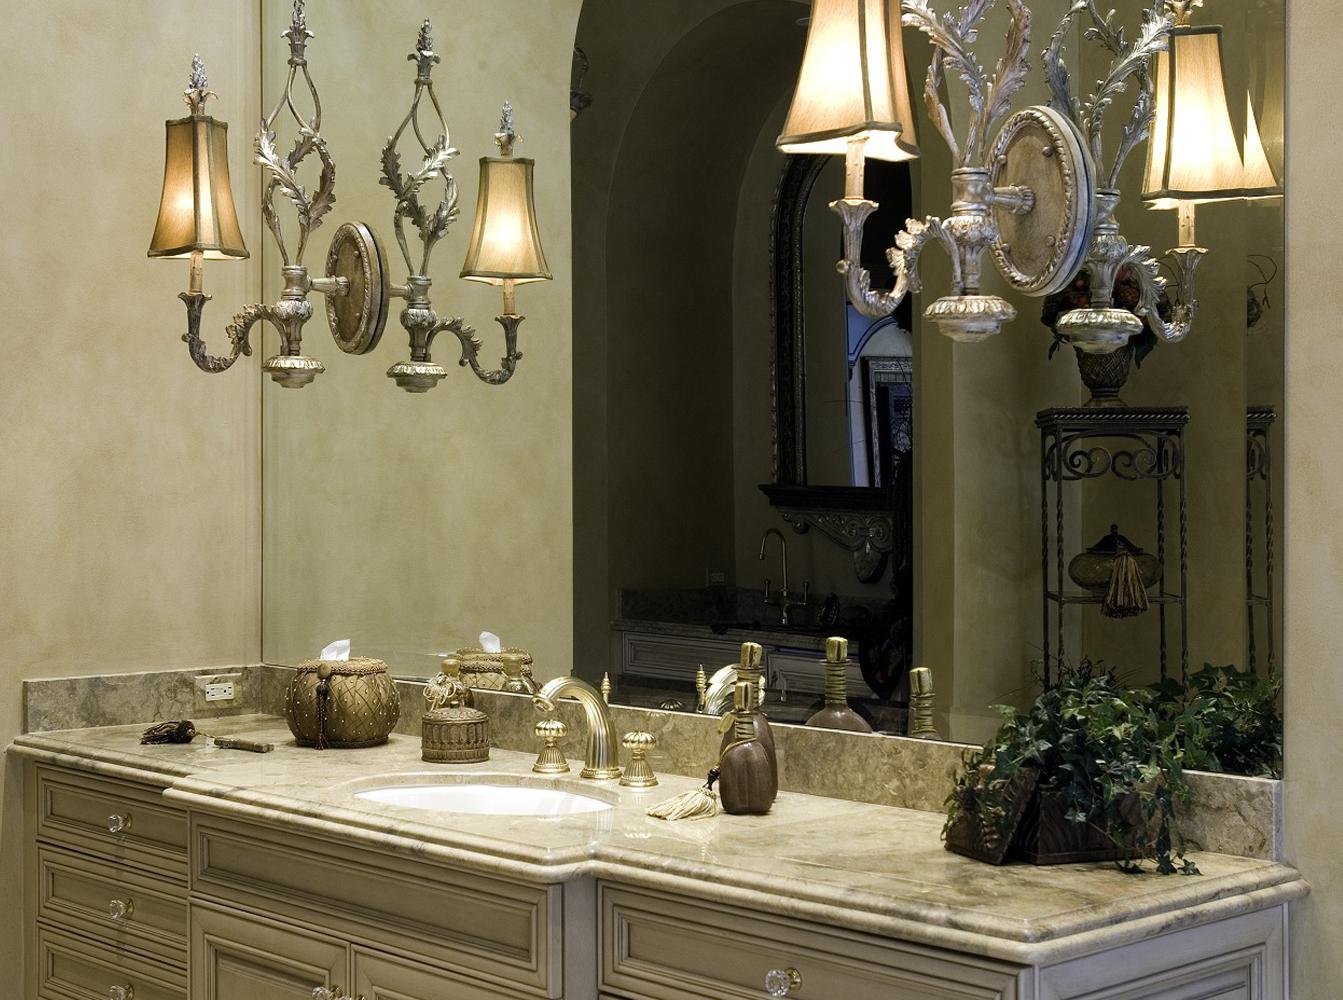 Seattle Vanity Store | Bathroom Vanities - Luxe Cabinet ...